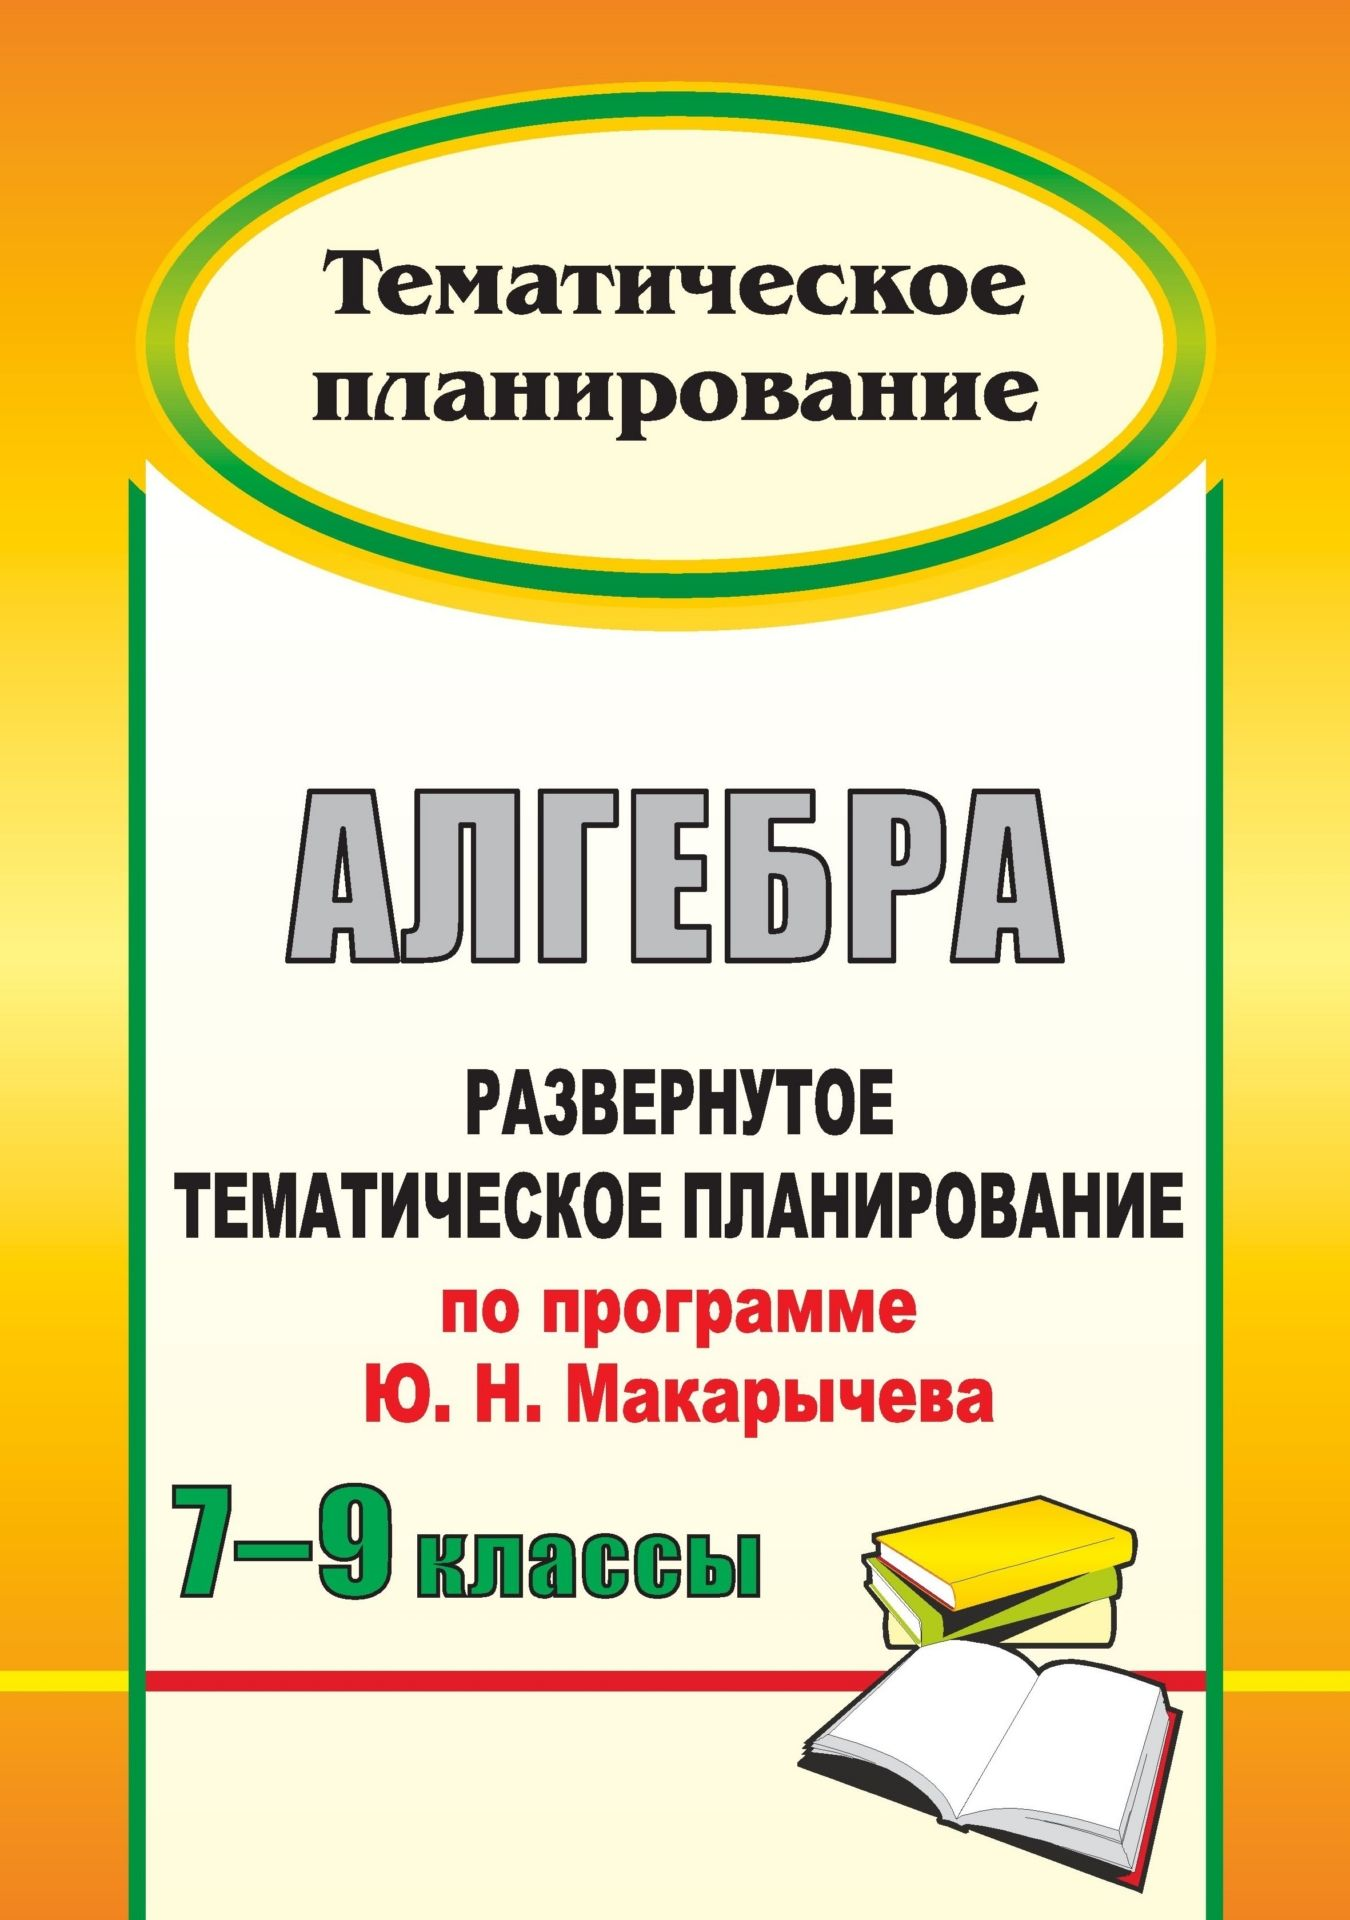 Алгебра. 7-9 классы: развернутое тематическое планирование по программе Ю. Н. Макарычева